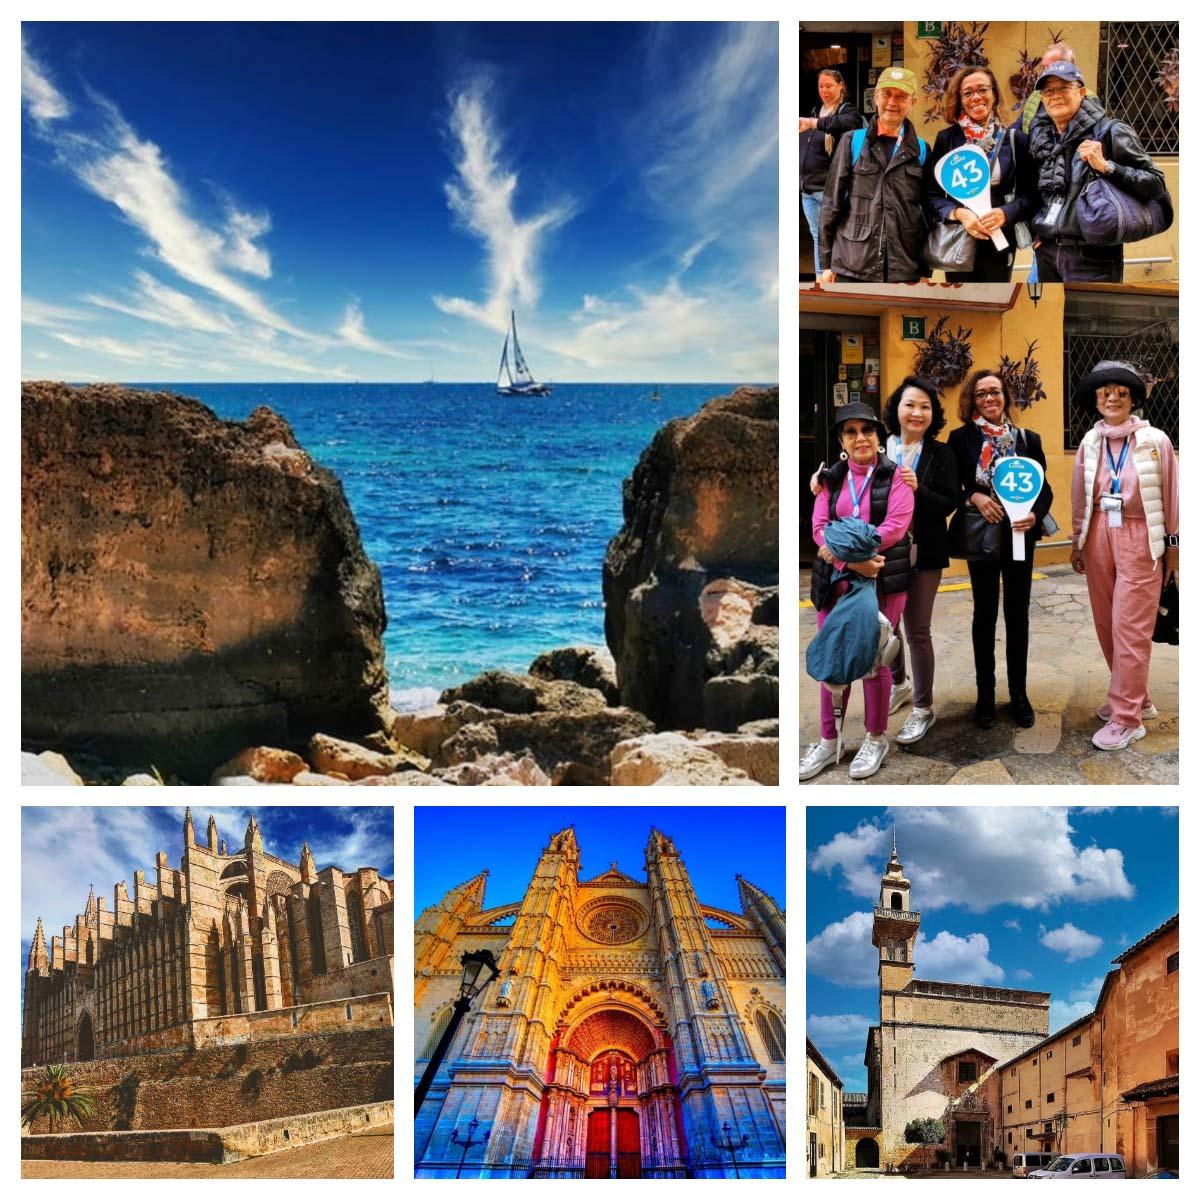 Guia de Turismo em Português em Mallorca